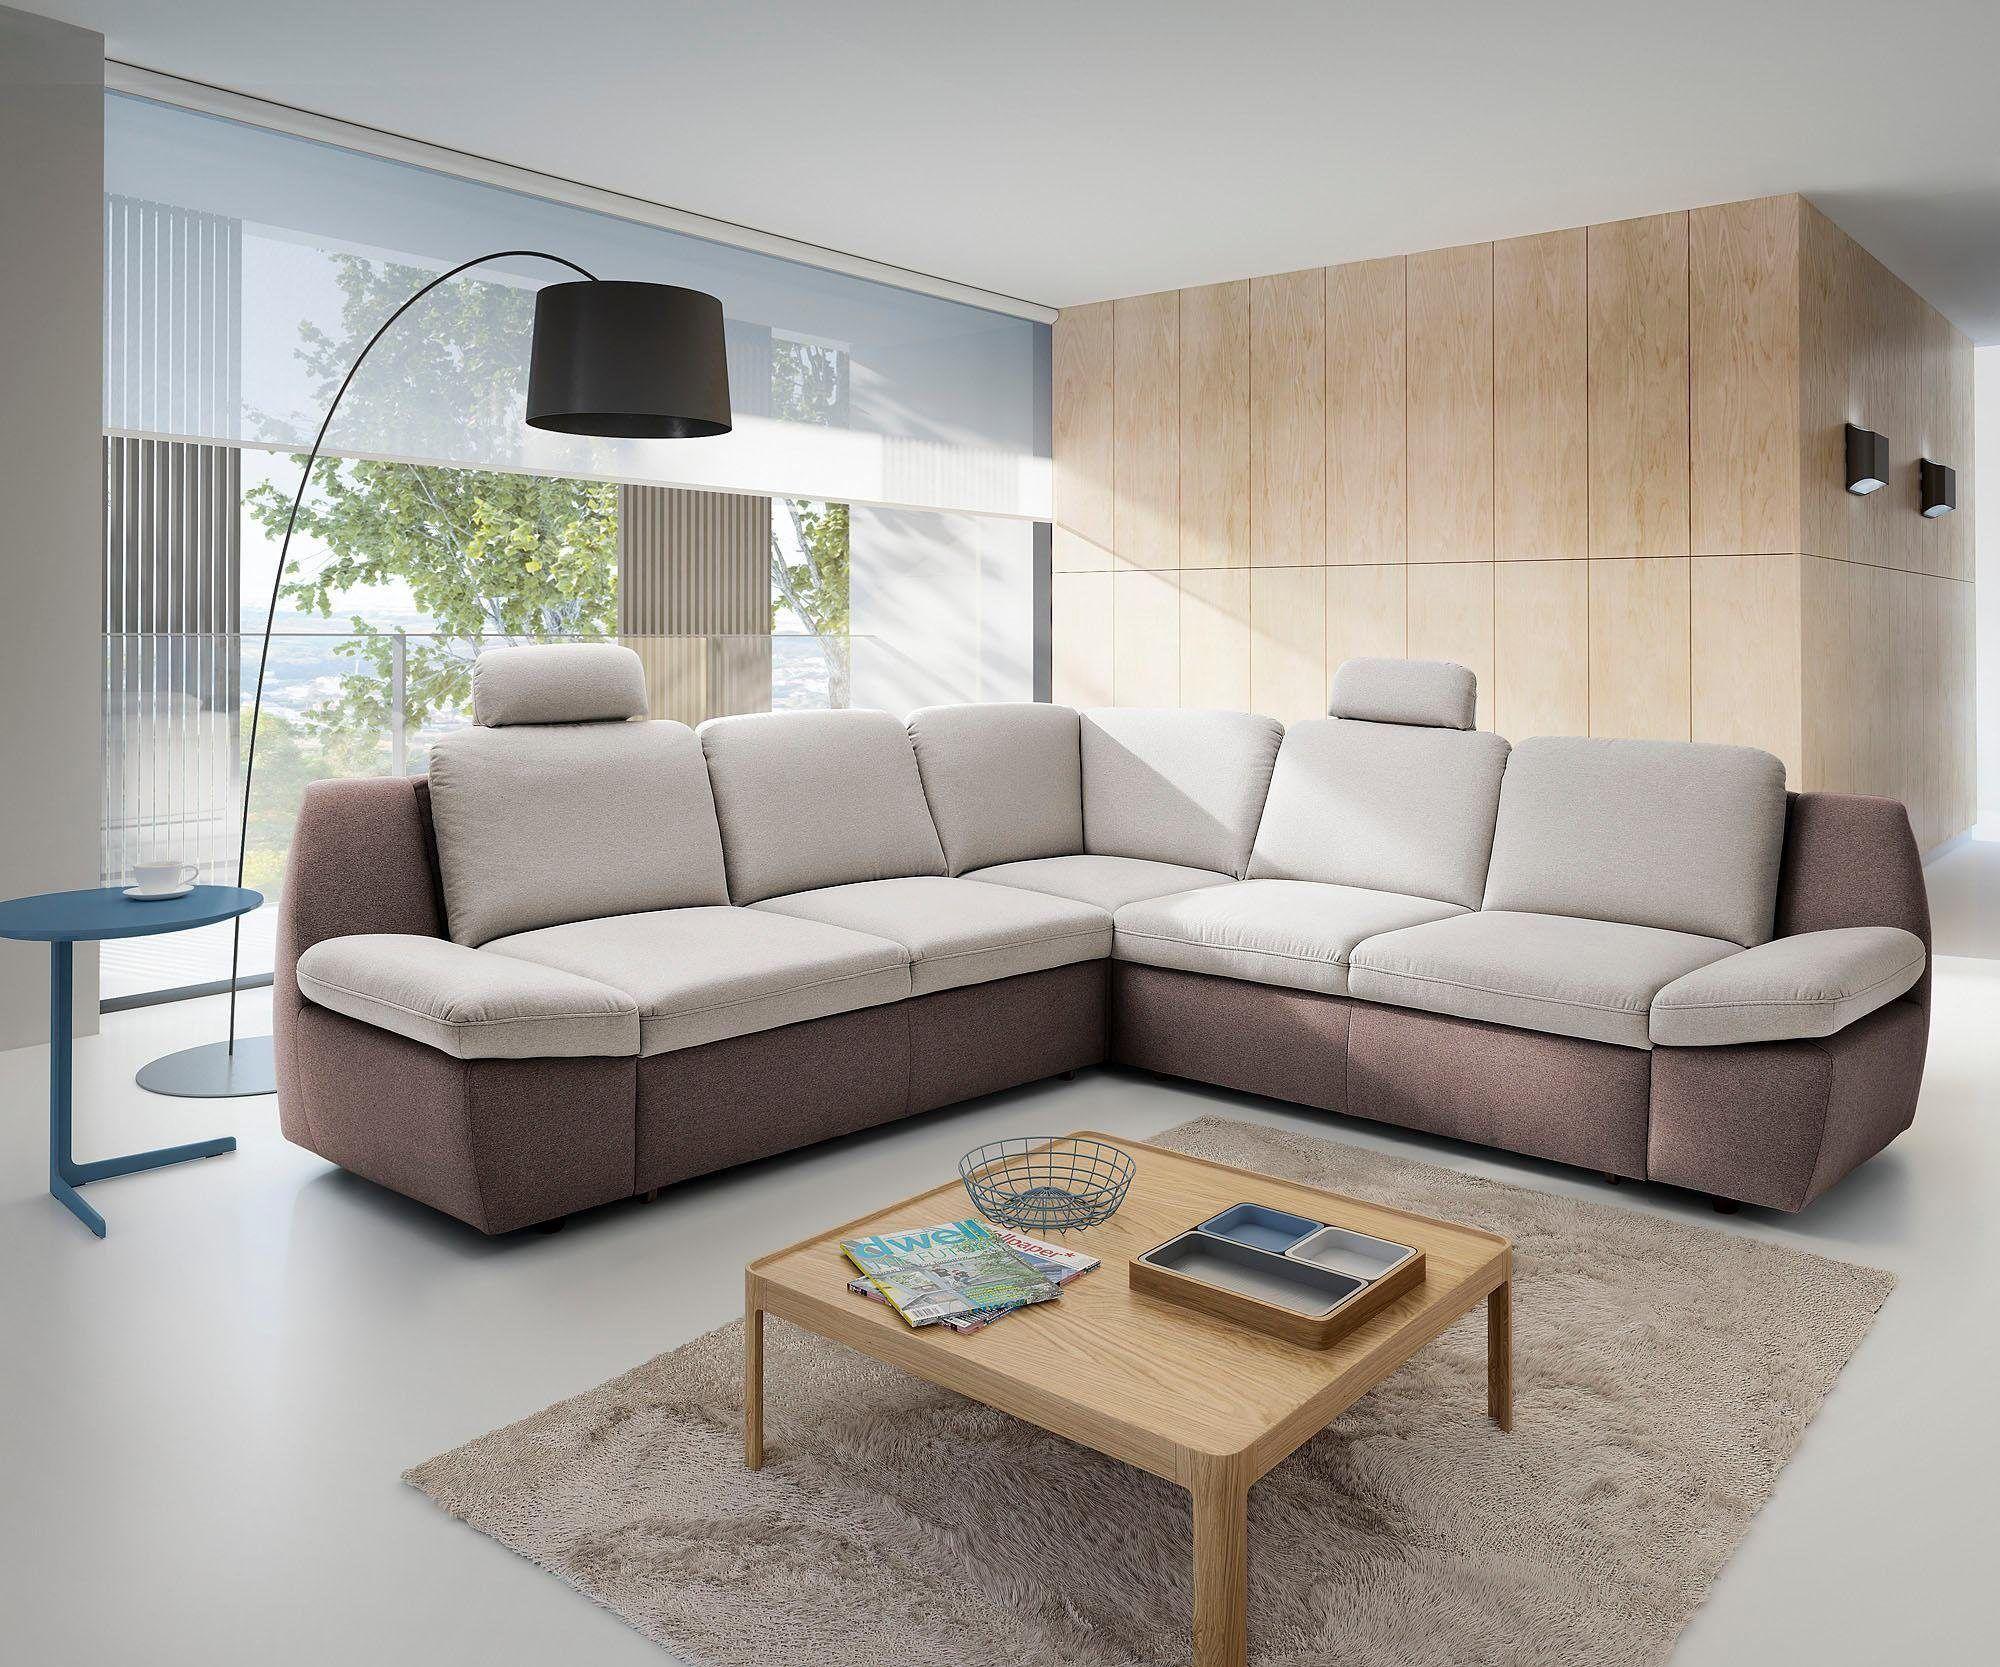 ... #sofas #ecksofa #wohnzimmer #ecksofaseckcouches